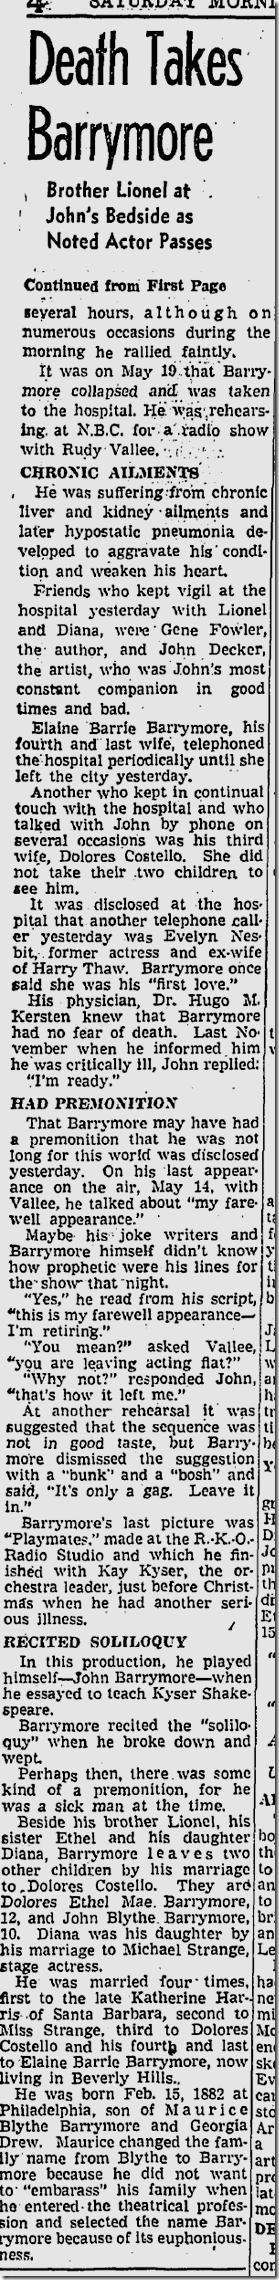 May 30, 1942, Barrymore Dies